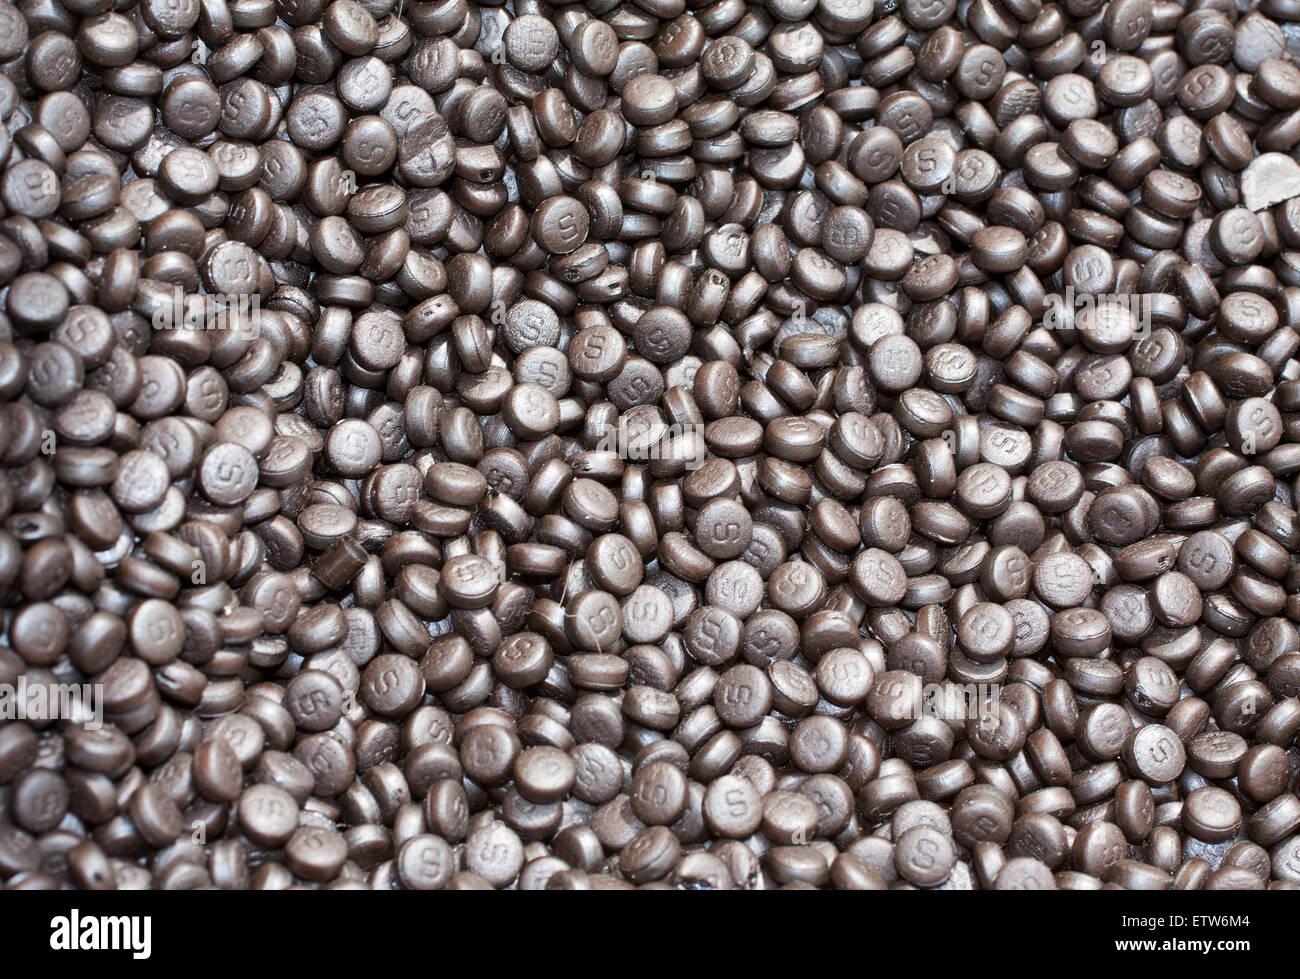 Candy pf liquirizia purissima, tipicamente italiana essenza della regione Calabria Immagini Stock